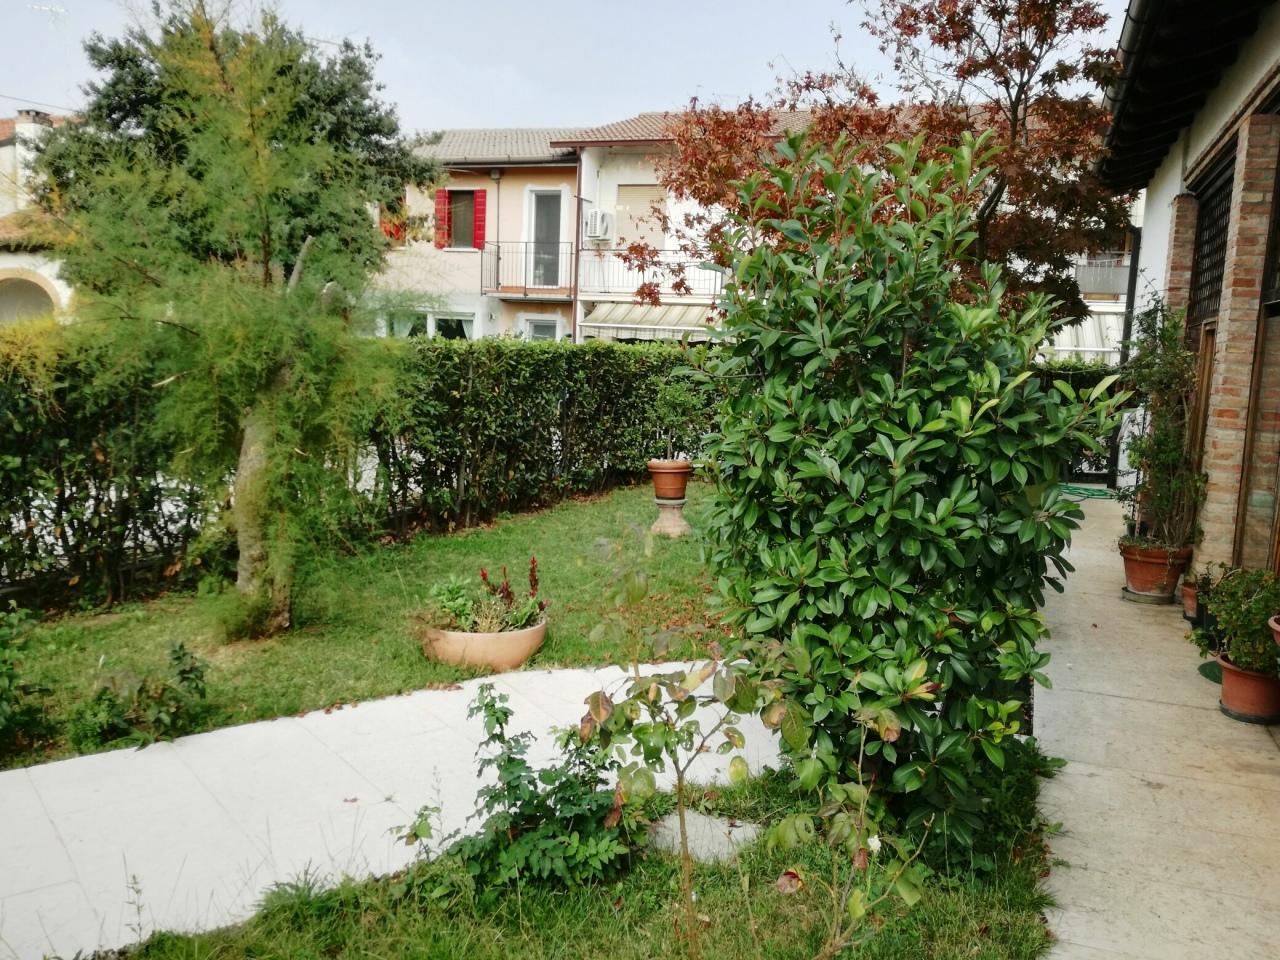 Rustico / Casale in vendita a Castelfranco Veneto, 6 locali, prezzo € 220.000 | Cambio Casa.it